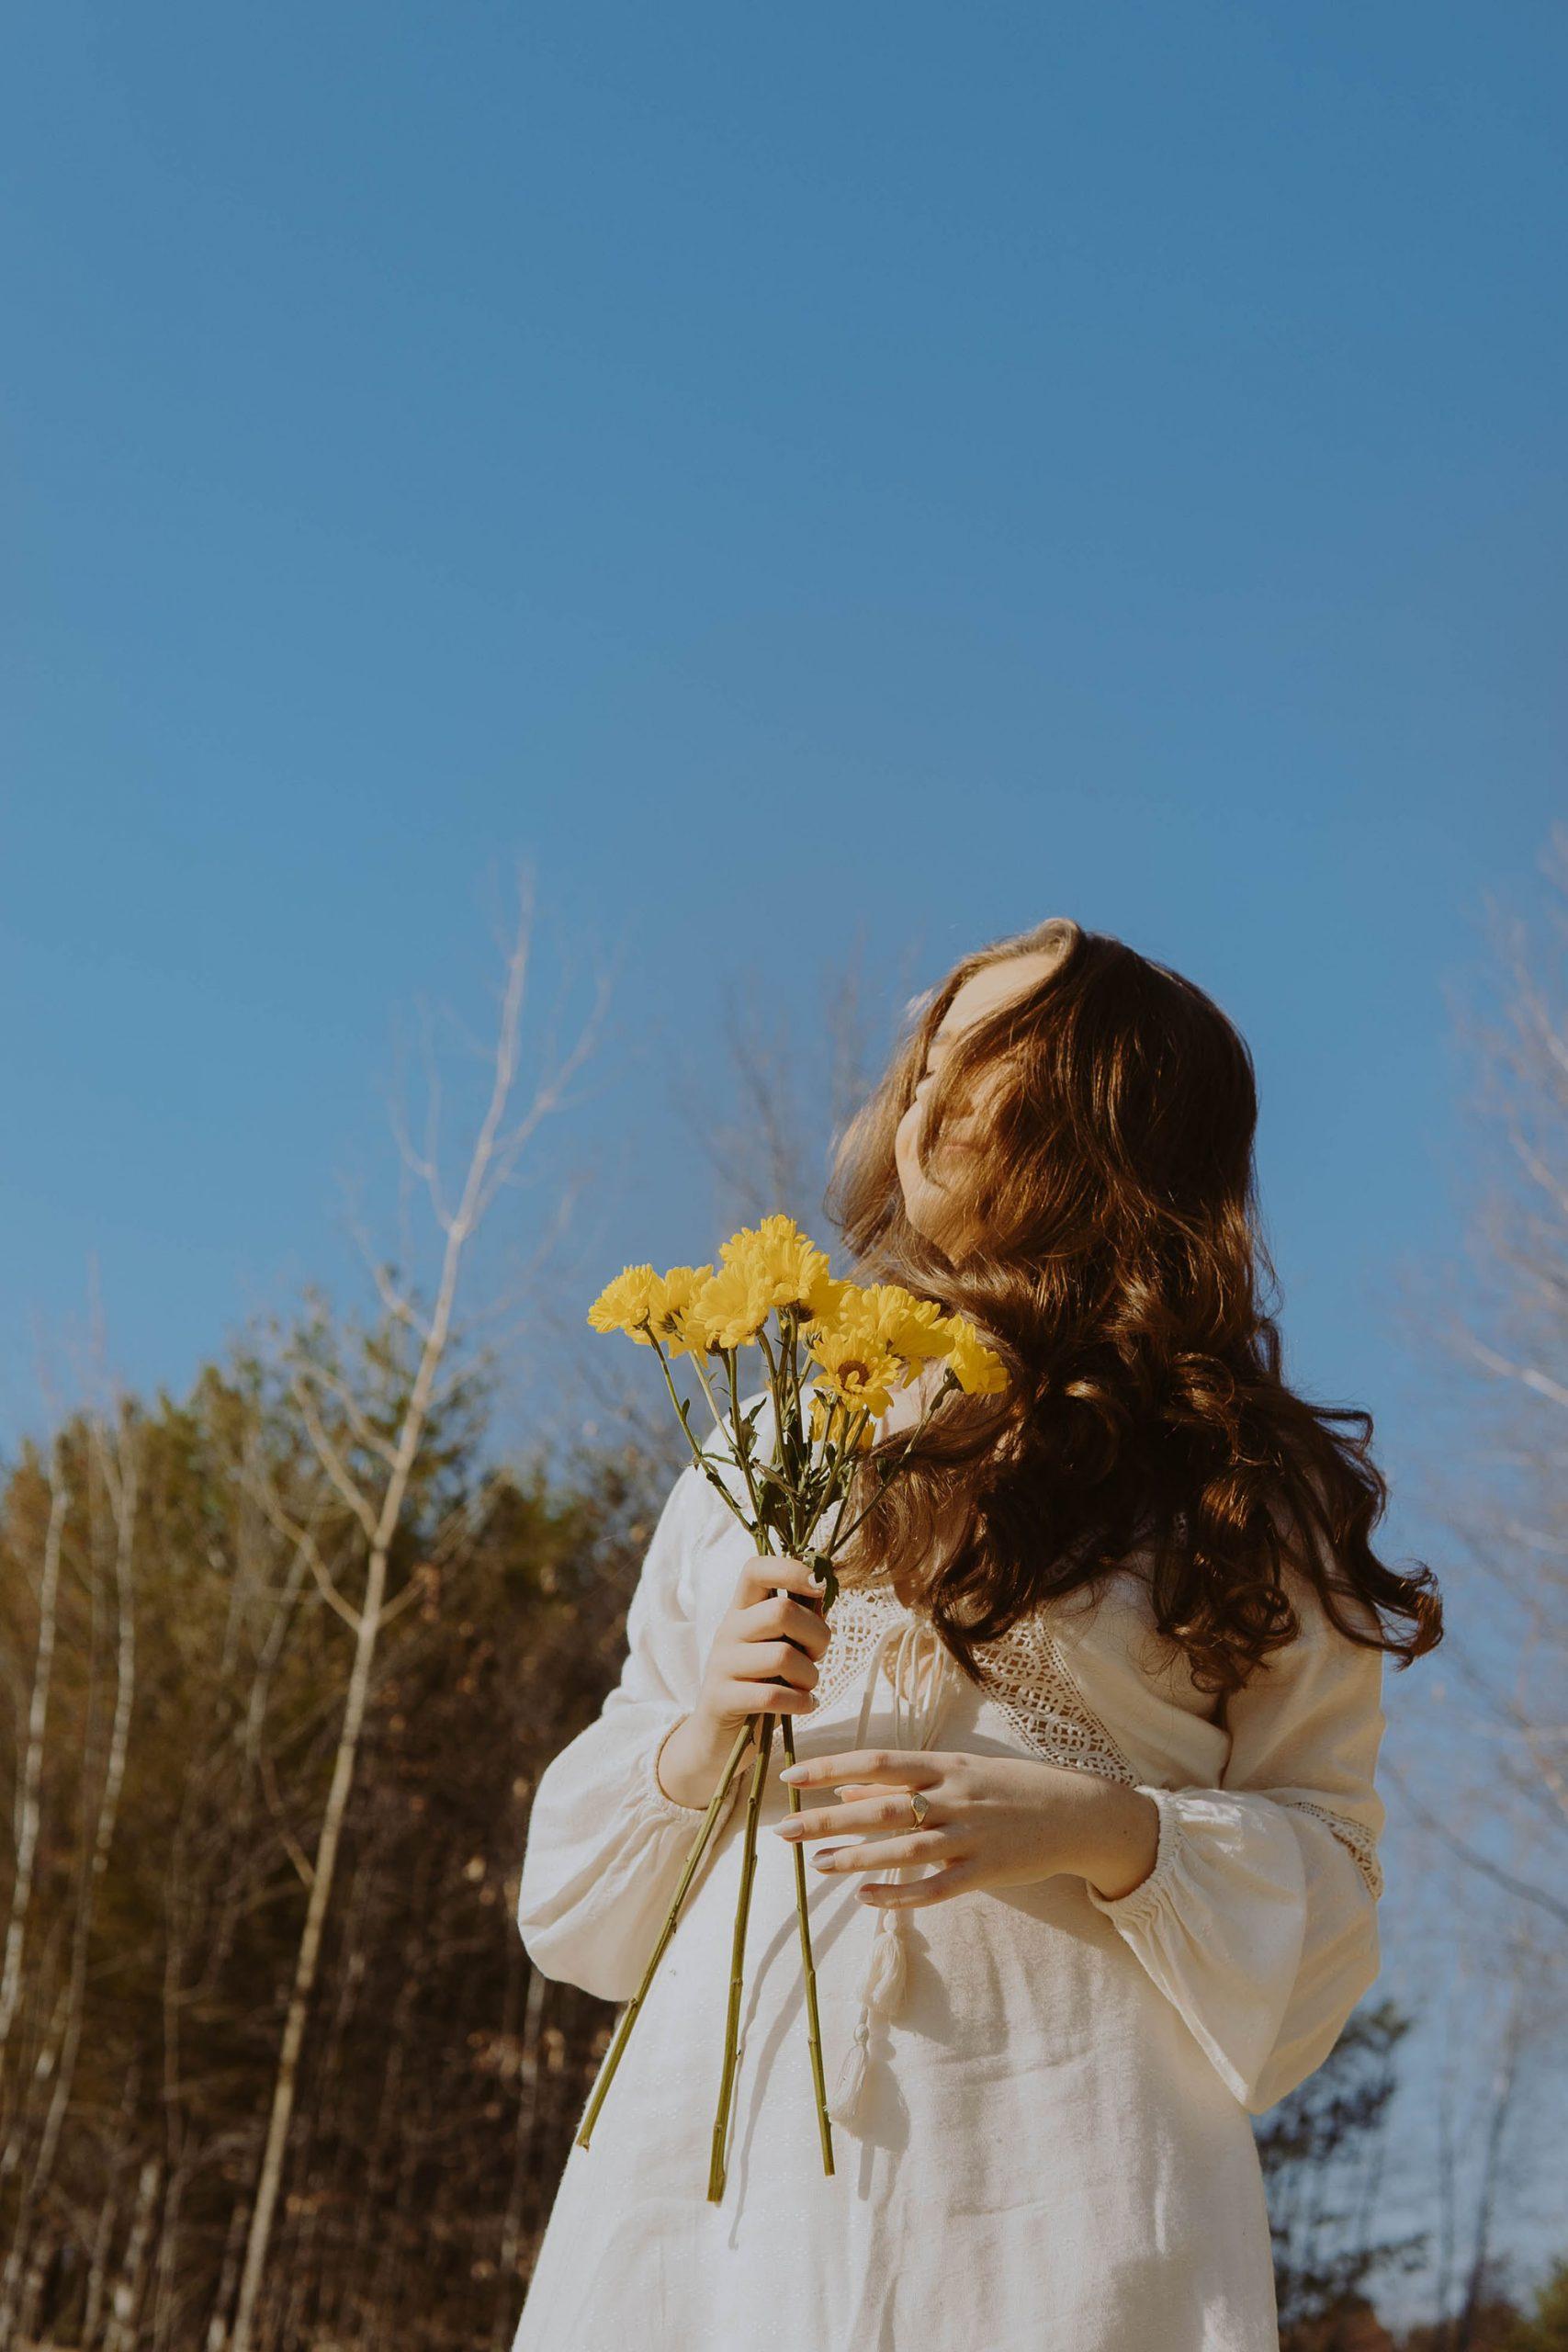 Cô gái khơi dậy lòng trắc ẩn để thu hút điều tích cực